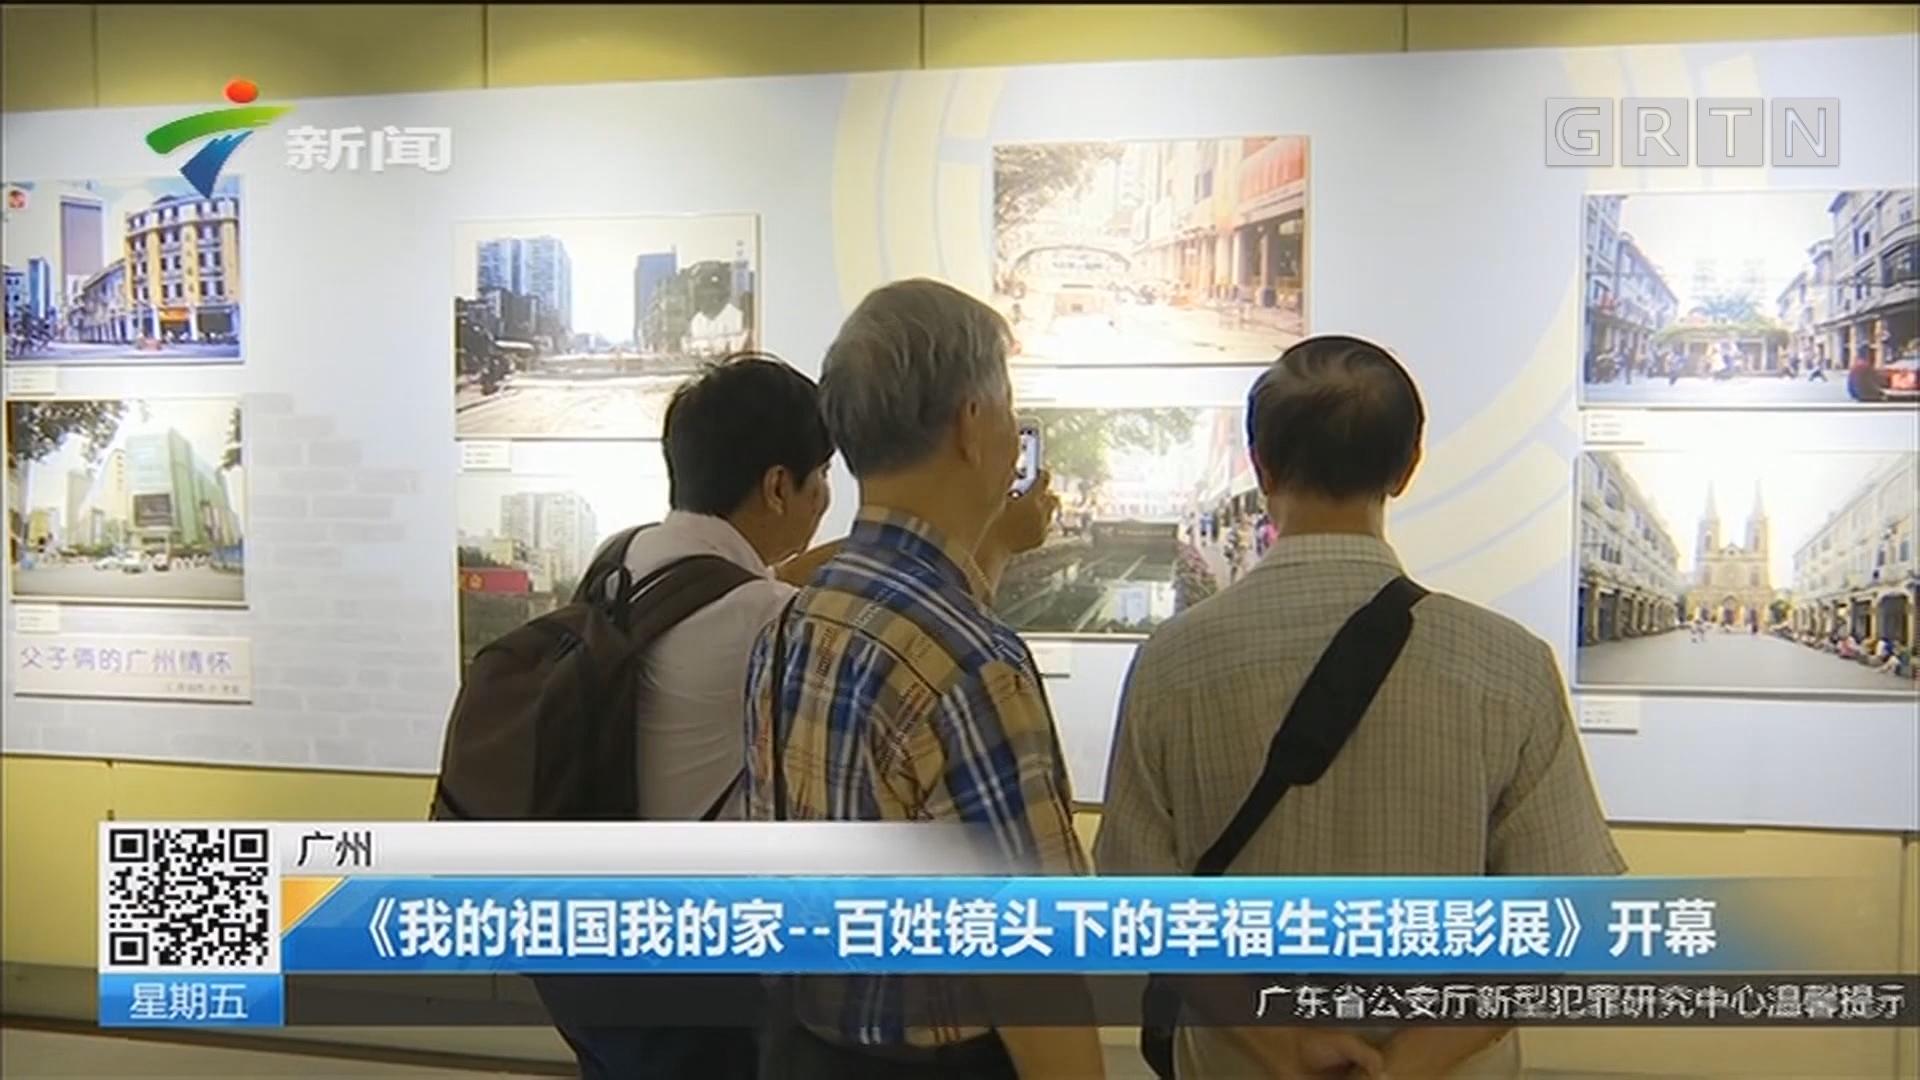 广州 《我的祖国我的家——百姓镜头下的幸福生活摄影展》开幕